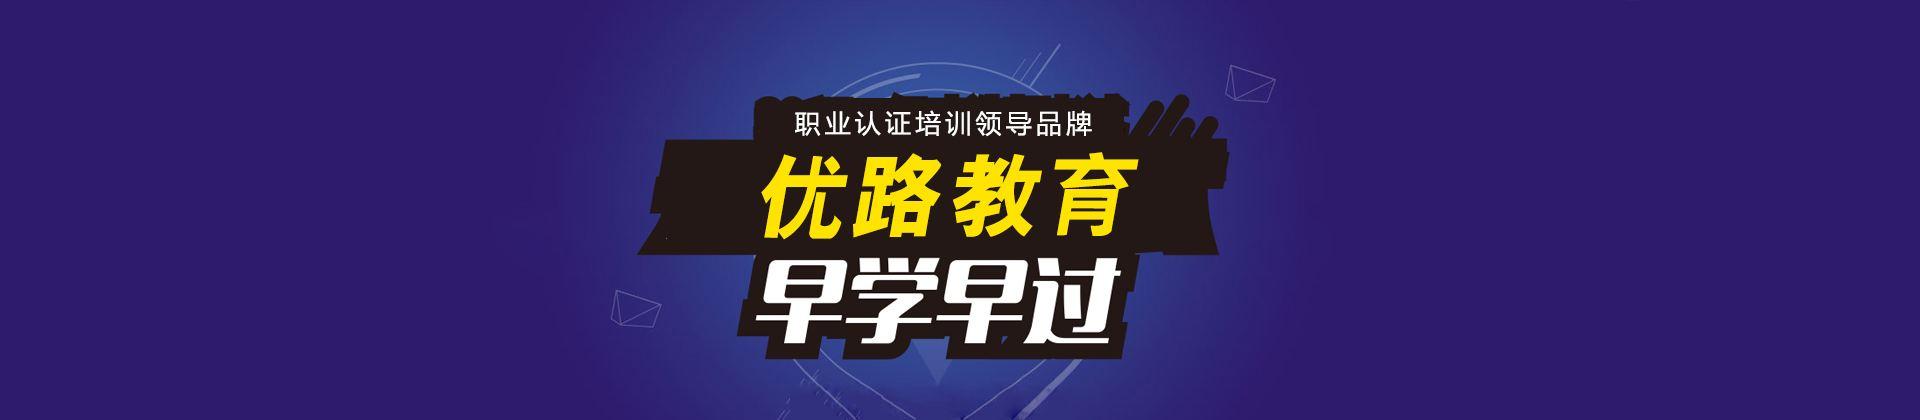 辽宁本溪优路教育培训学校